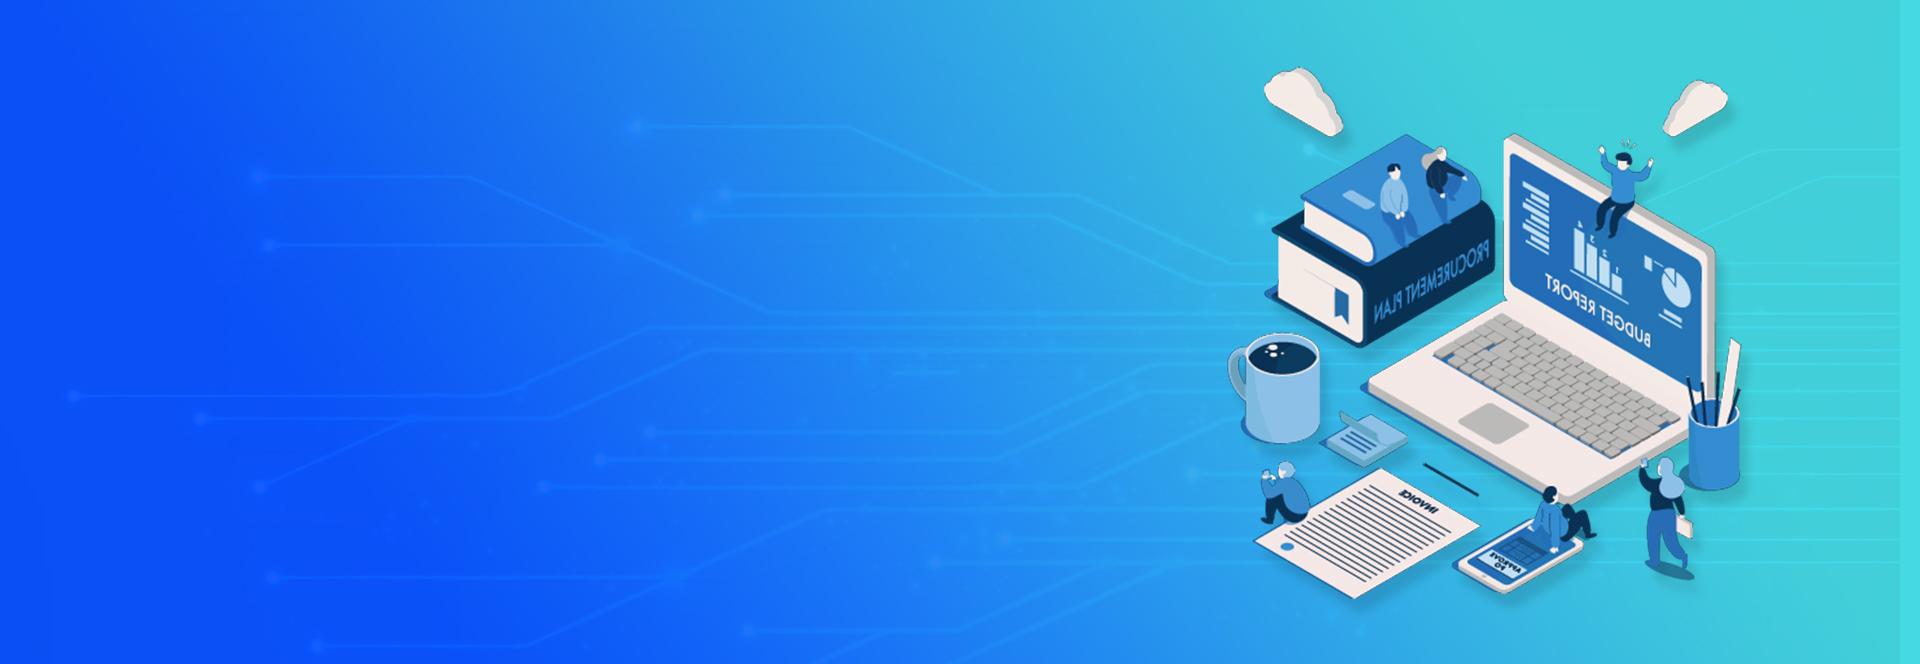 Online Tender Subscription Platform